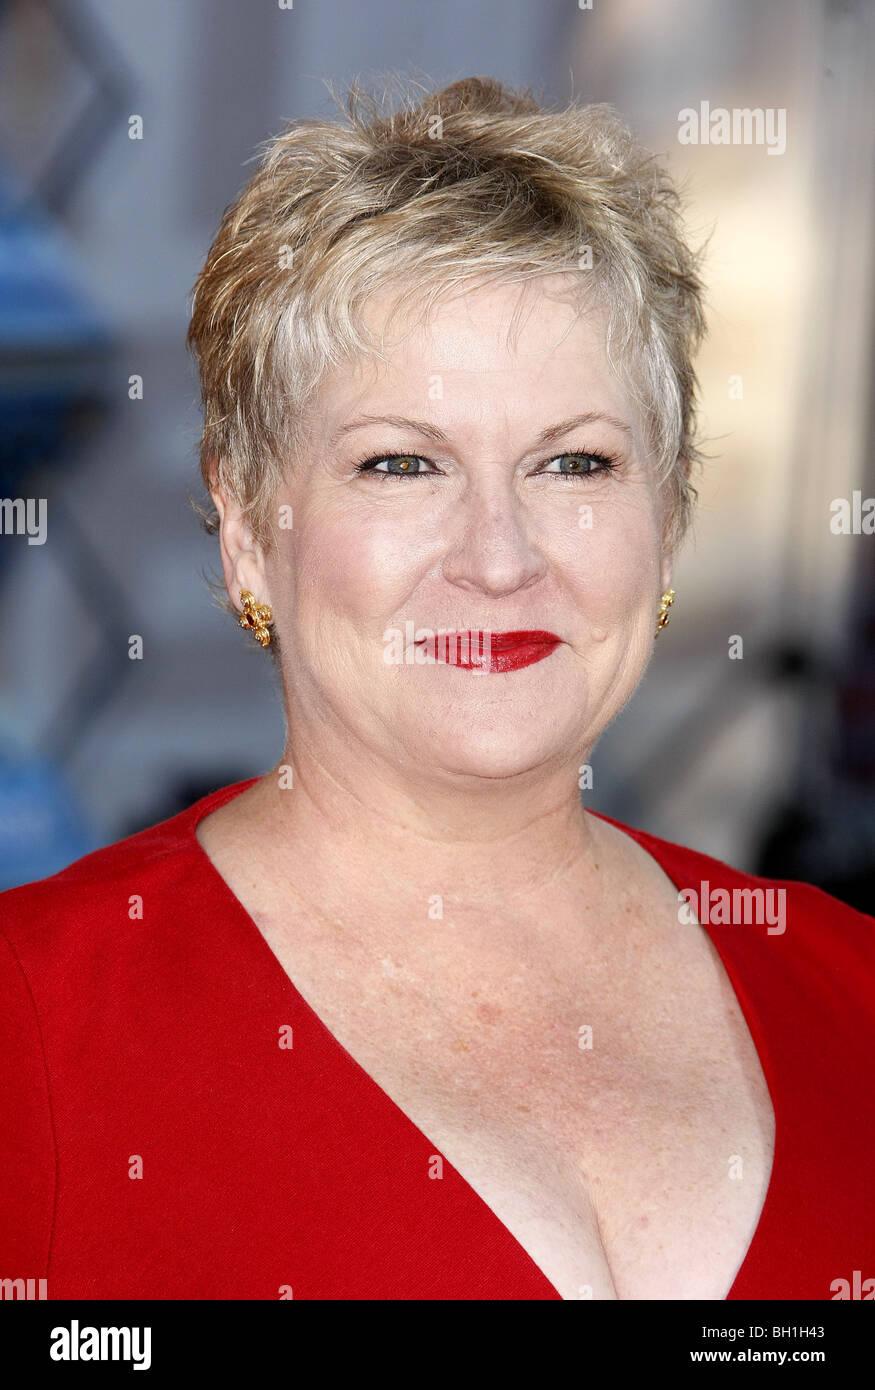 Milly Carlucci (born 1954),Cindy Robbins Erotic video Alexandre Landry,Elizabeth Berkley